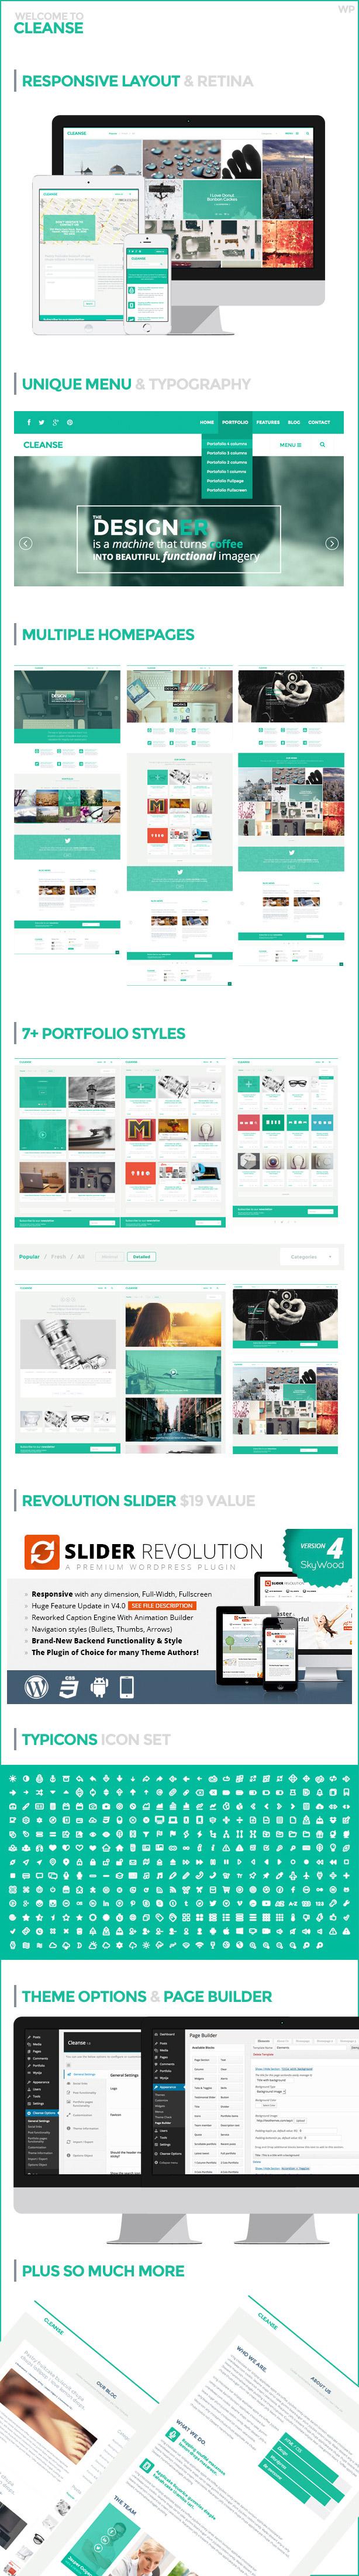 Cleanse - Minimal Style WordPress Portfolio Theme - 7